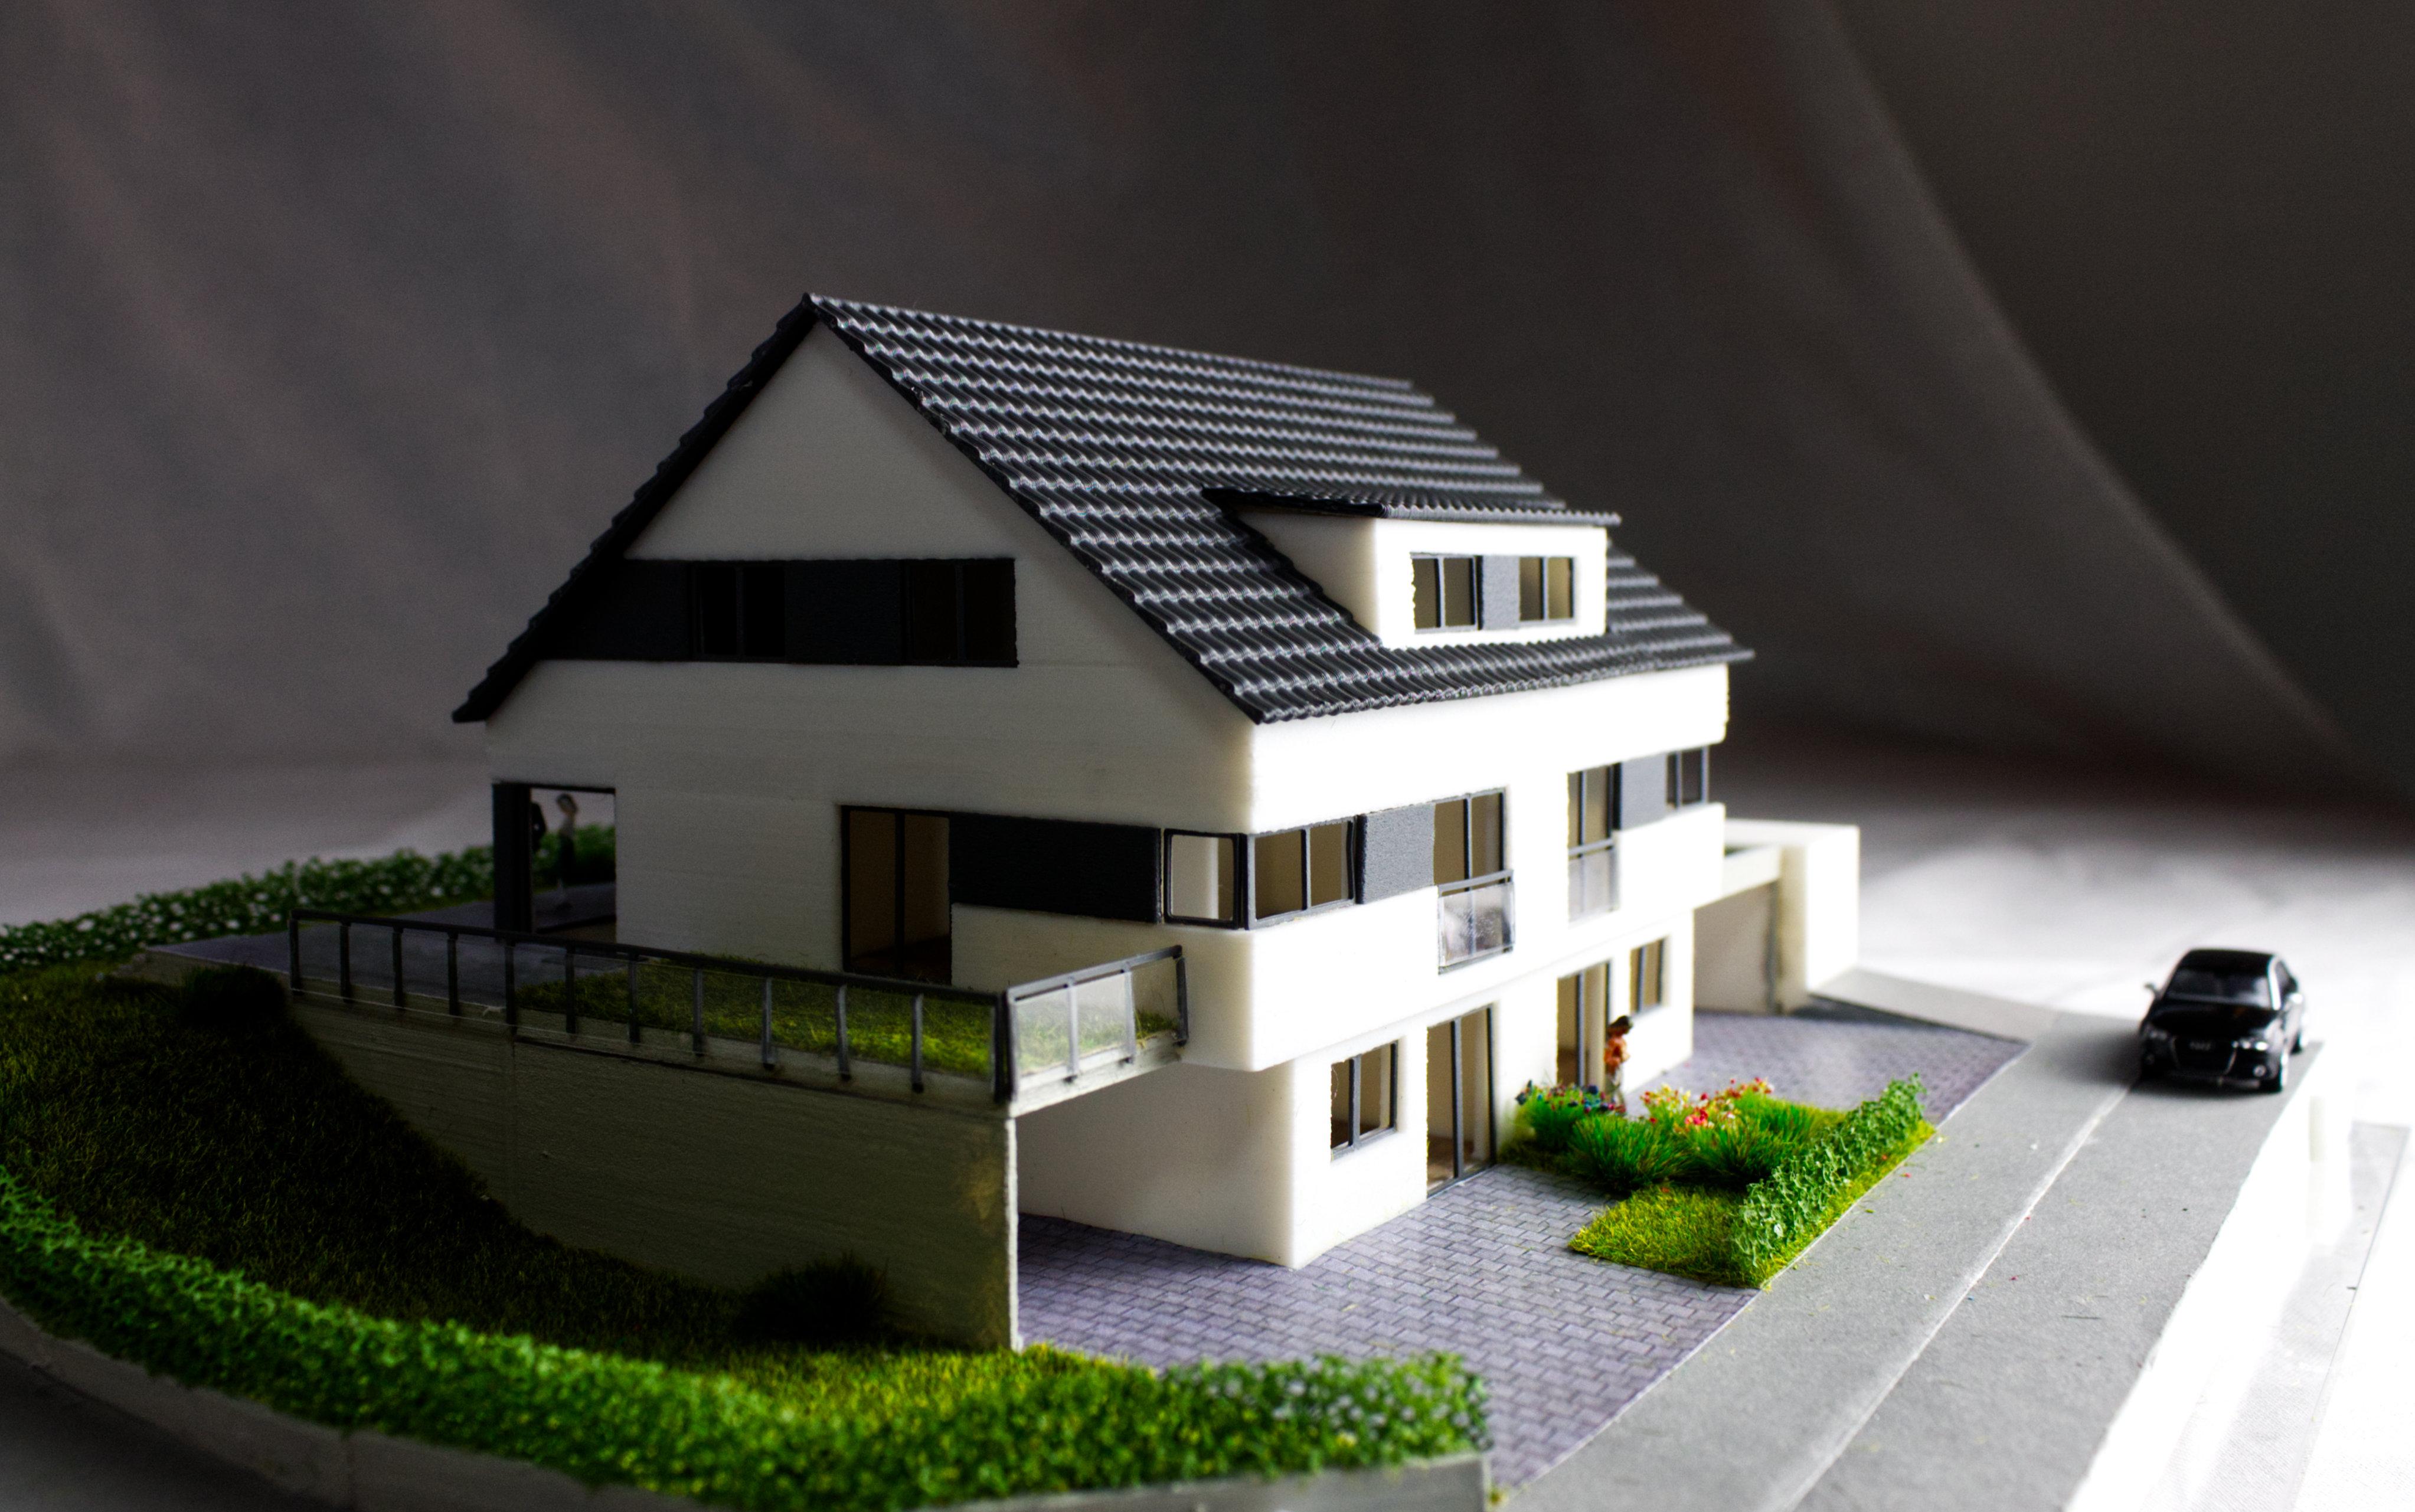 Graf Wohnbau 1